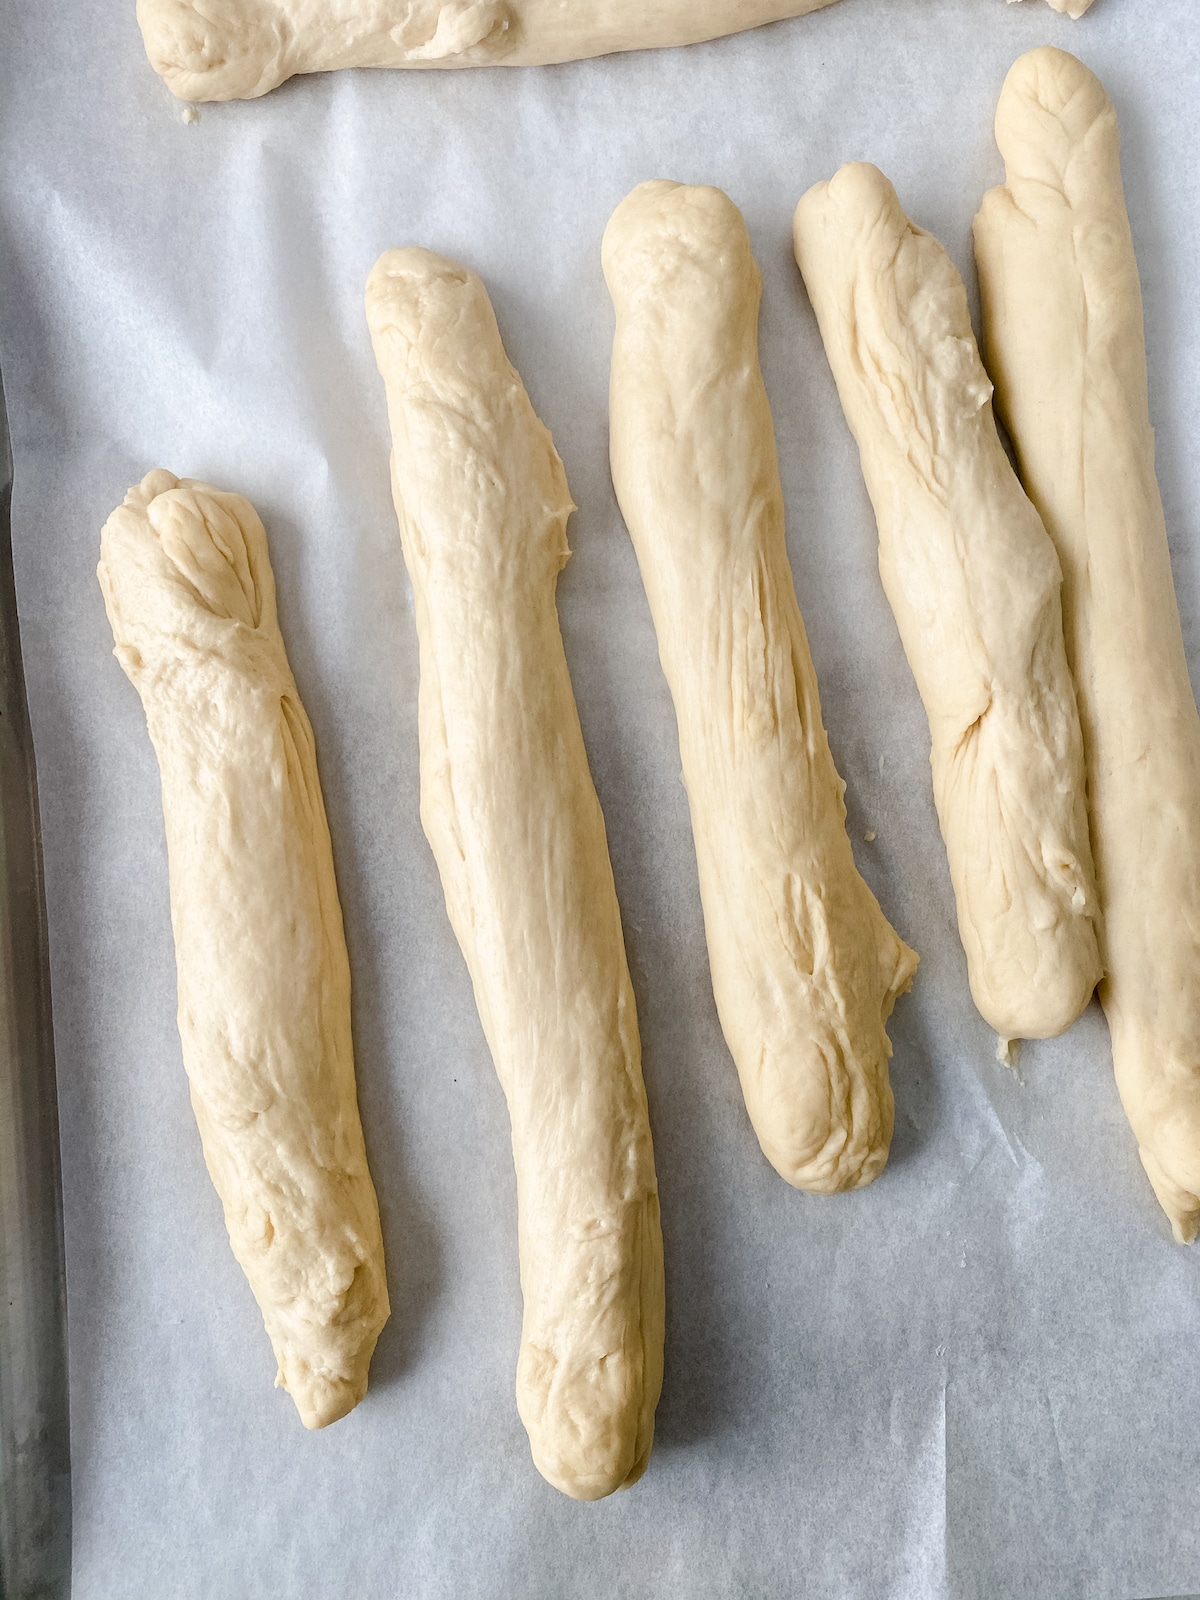 Rolls of pretzel dough on parchment paper